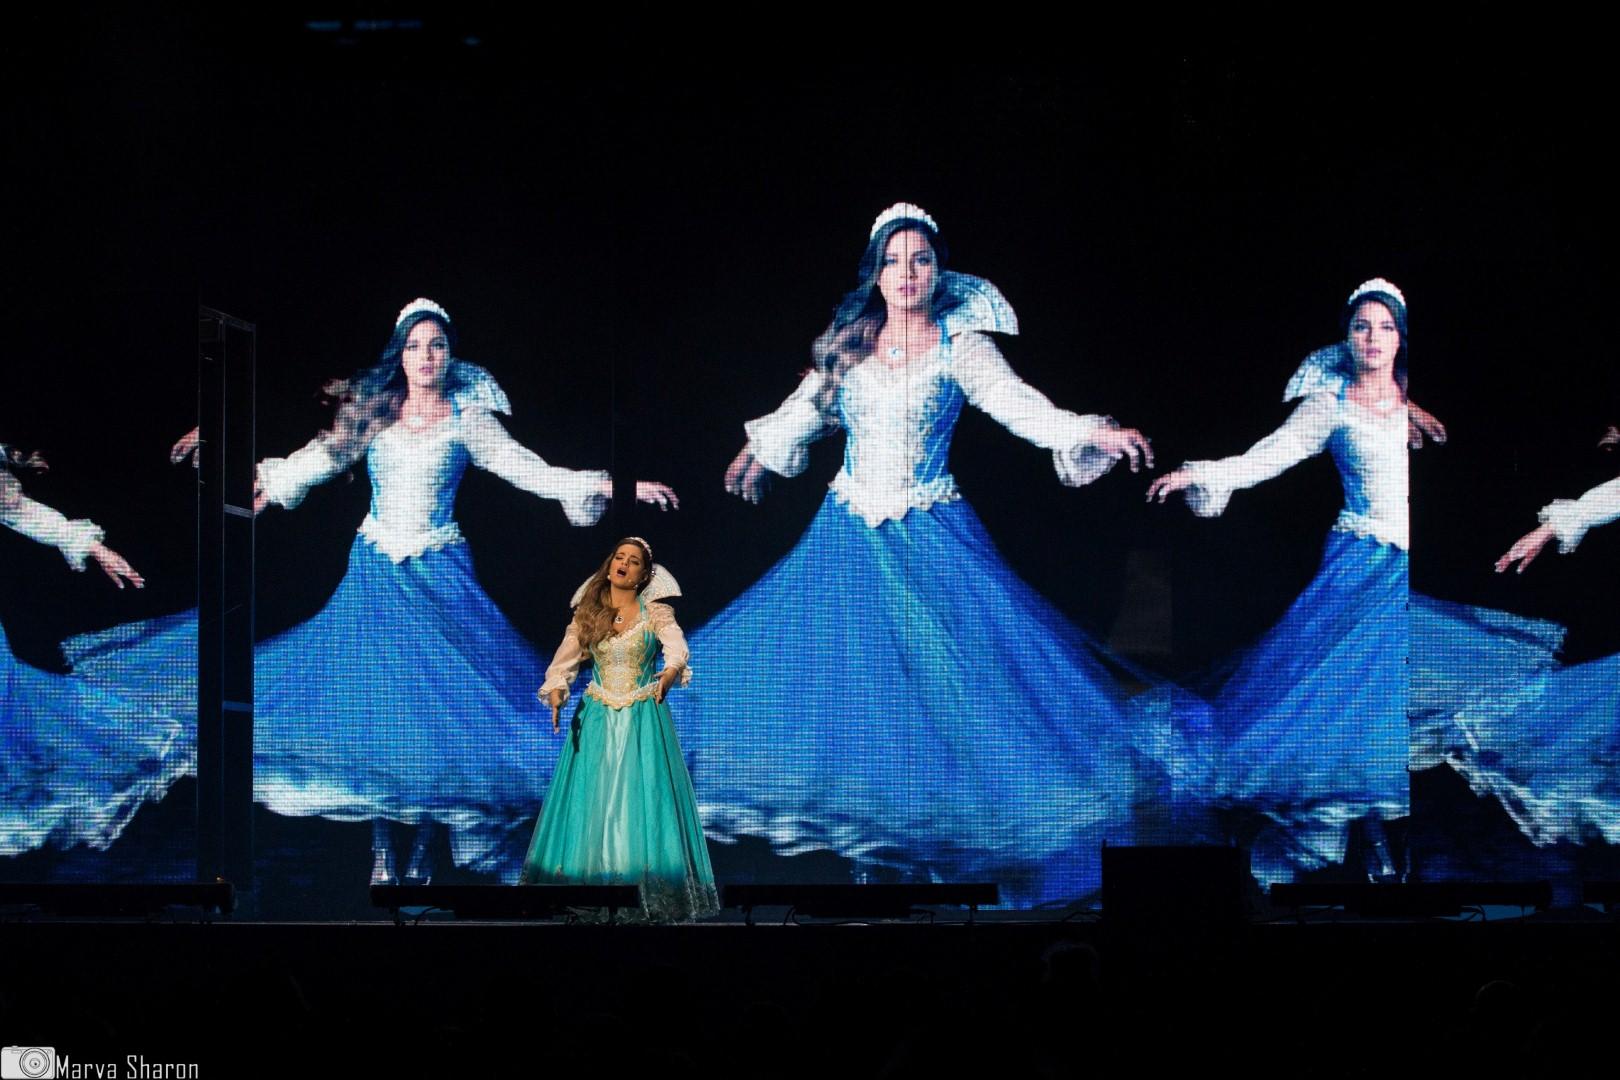 הנסיכה האמיתית (צילום: מרווה שרון) (צילום: מרווה שרון)